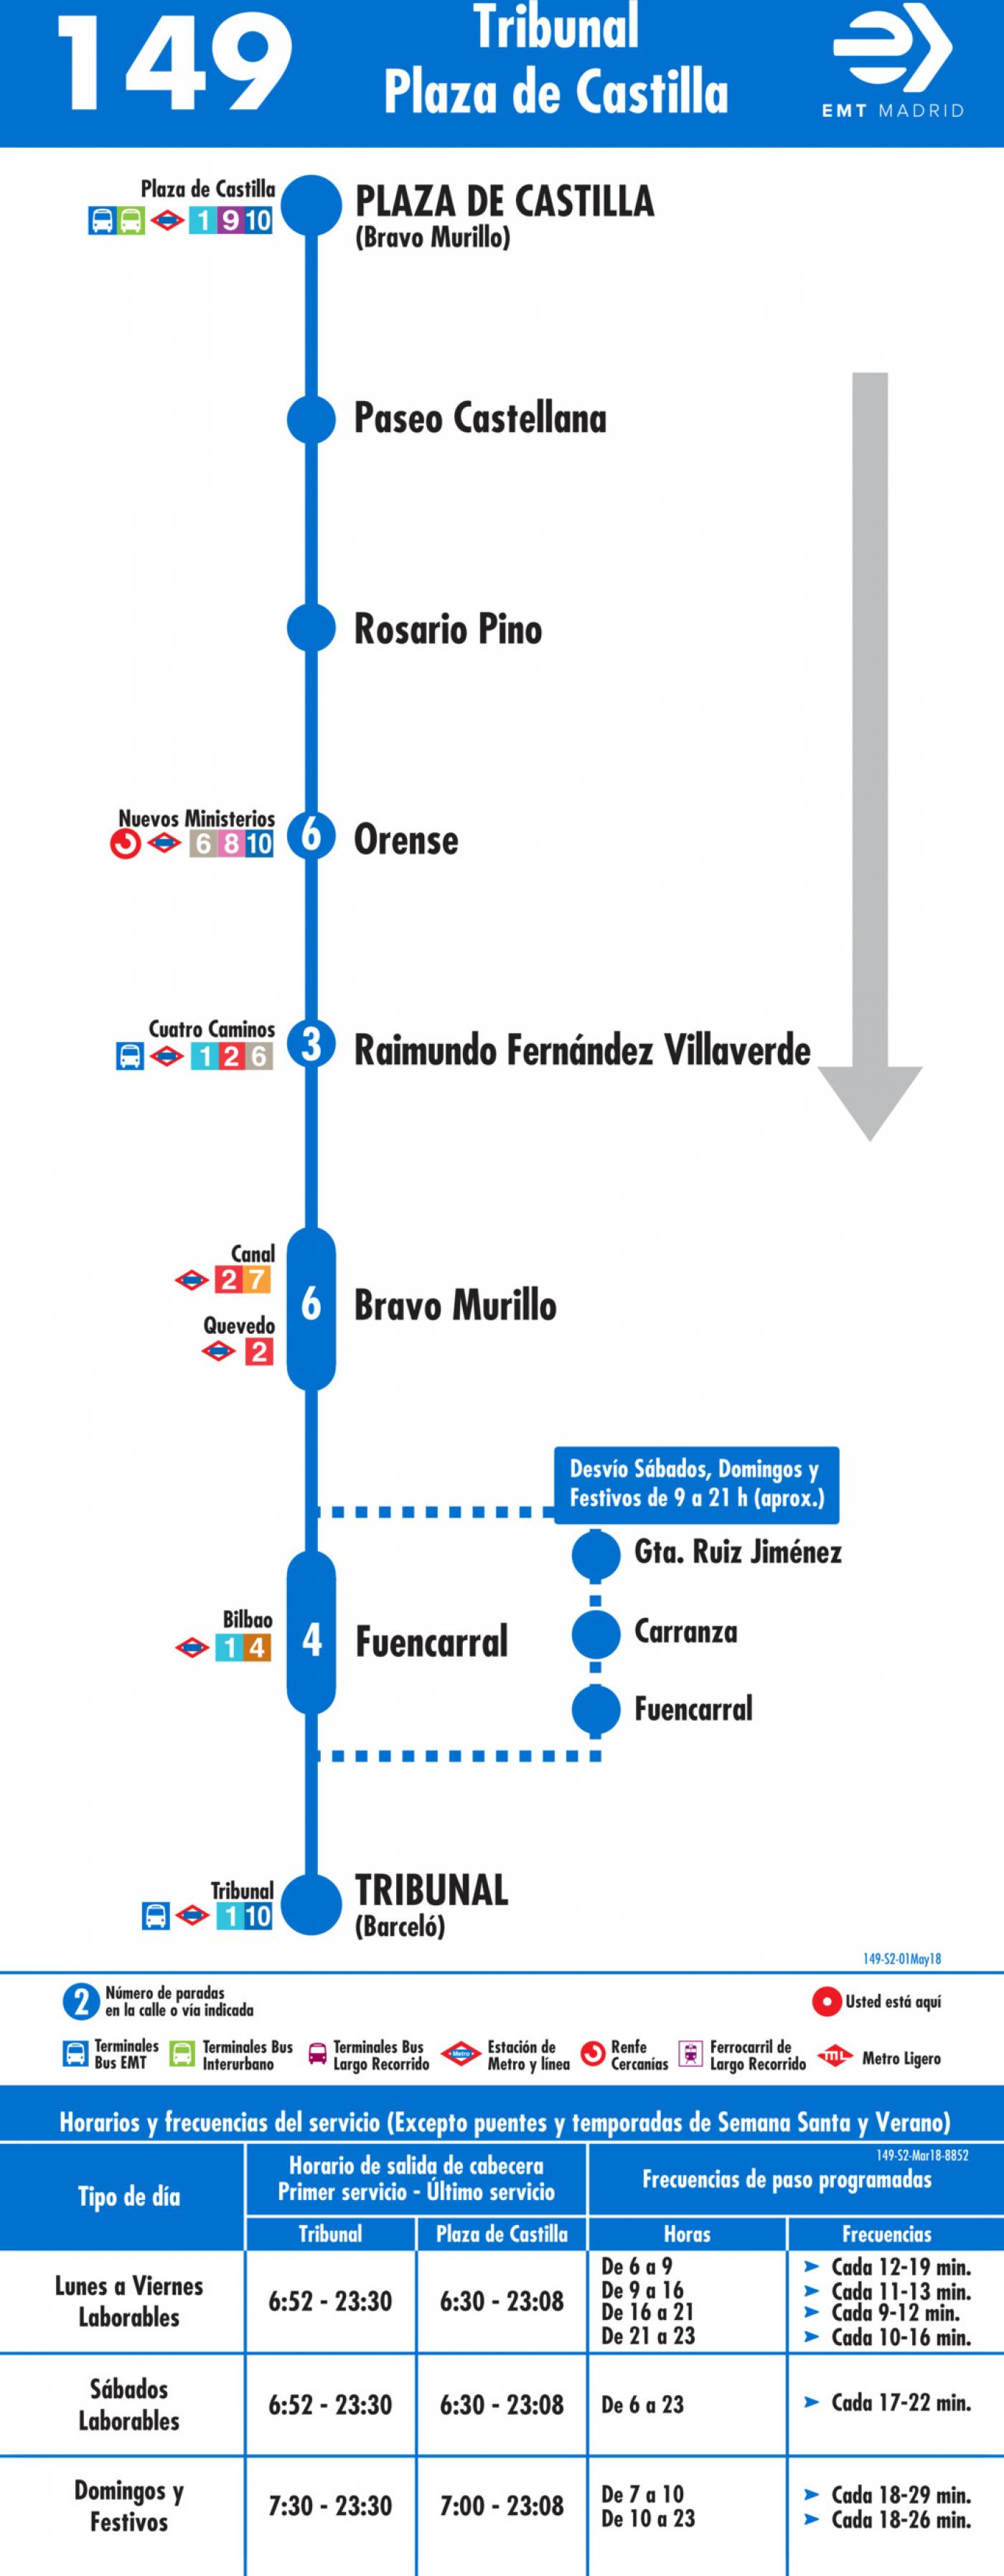 Tabla de horarios y frecuencias de paso en sentido vuelta Línea 149: Tribunal - Plaza de Castilla